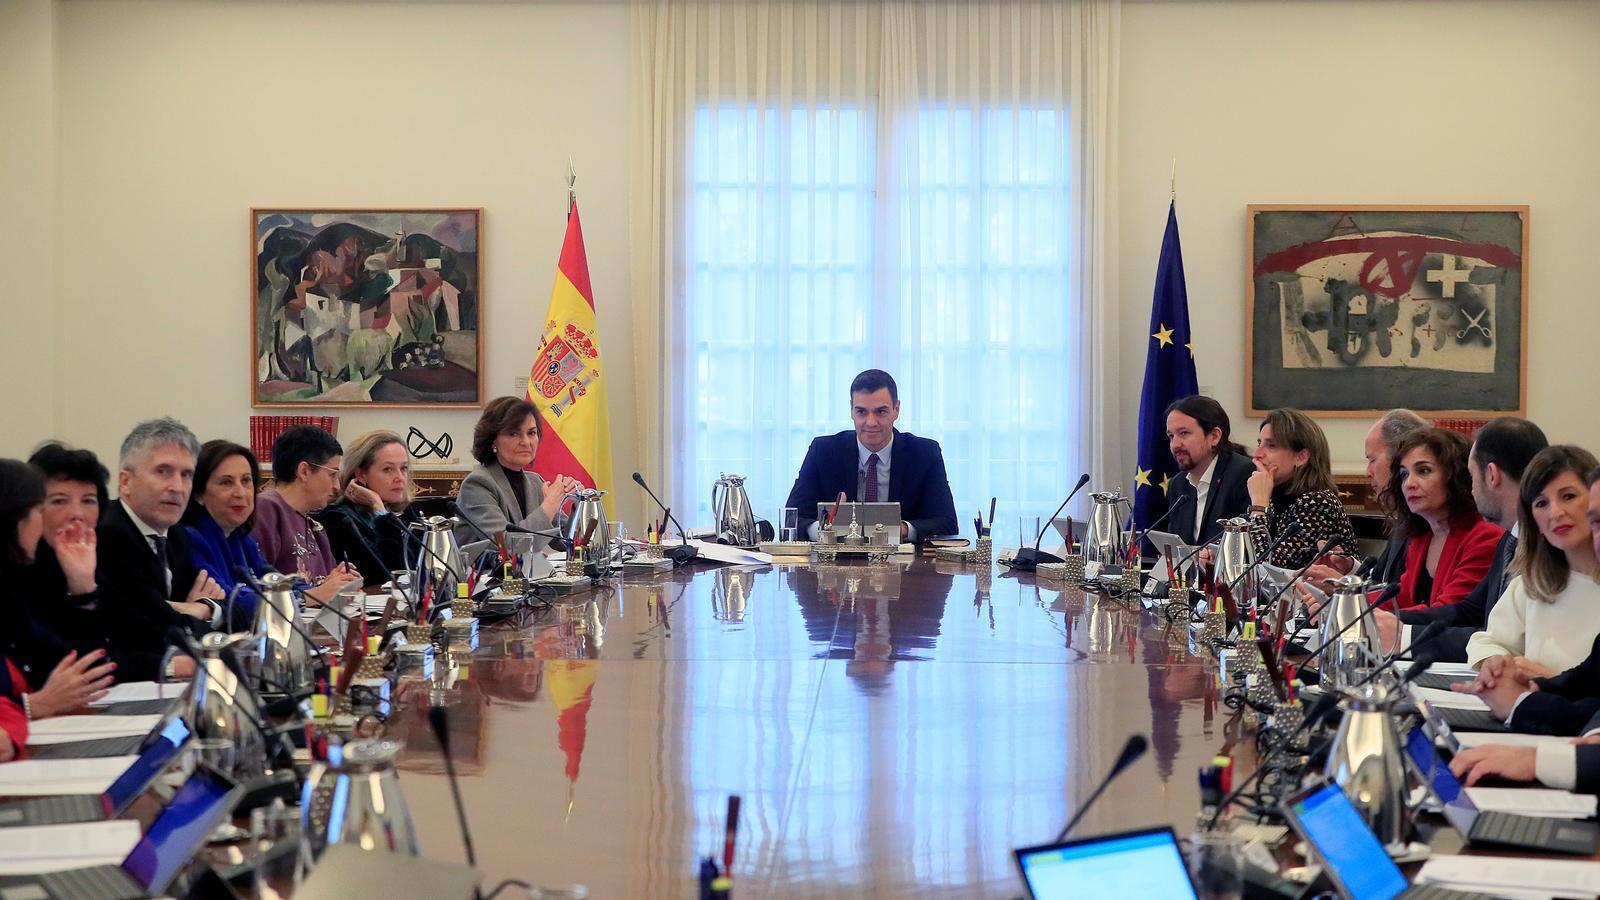 EN DIRECTE: Compareixença posterior al consell de ministres